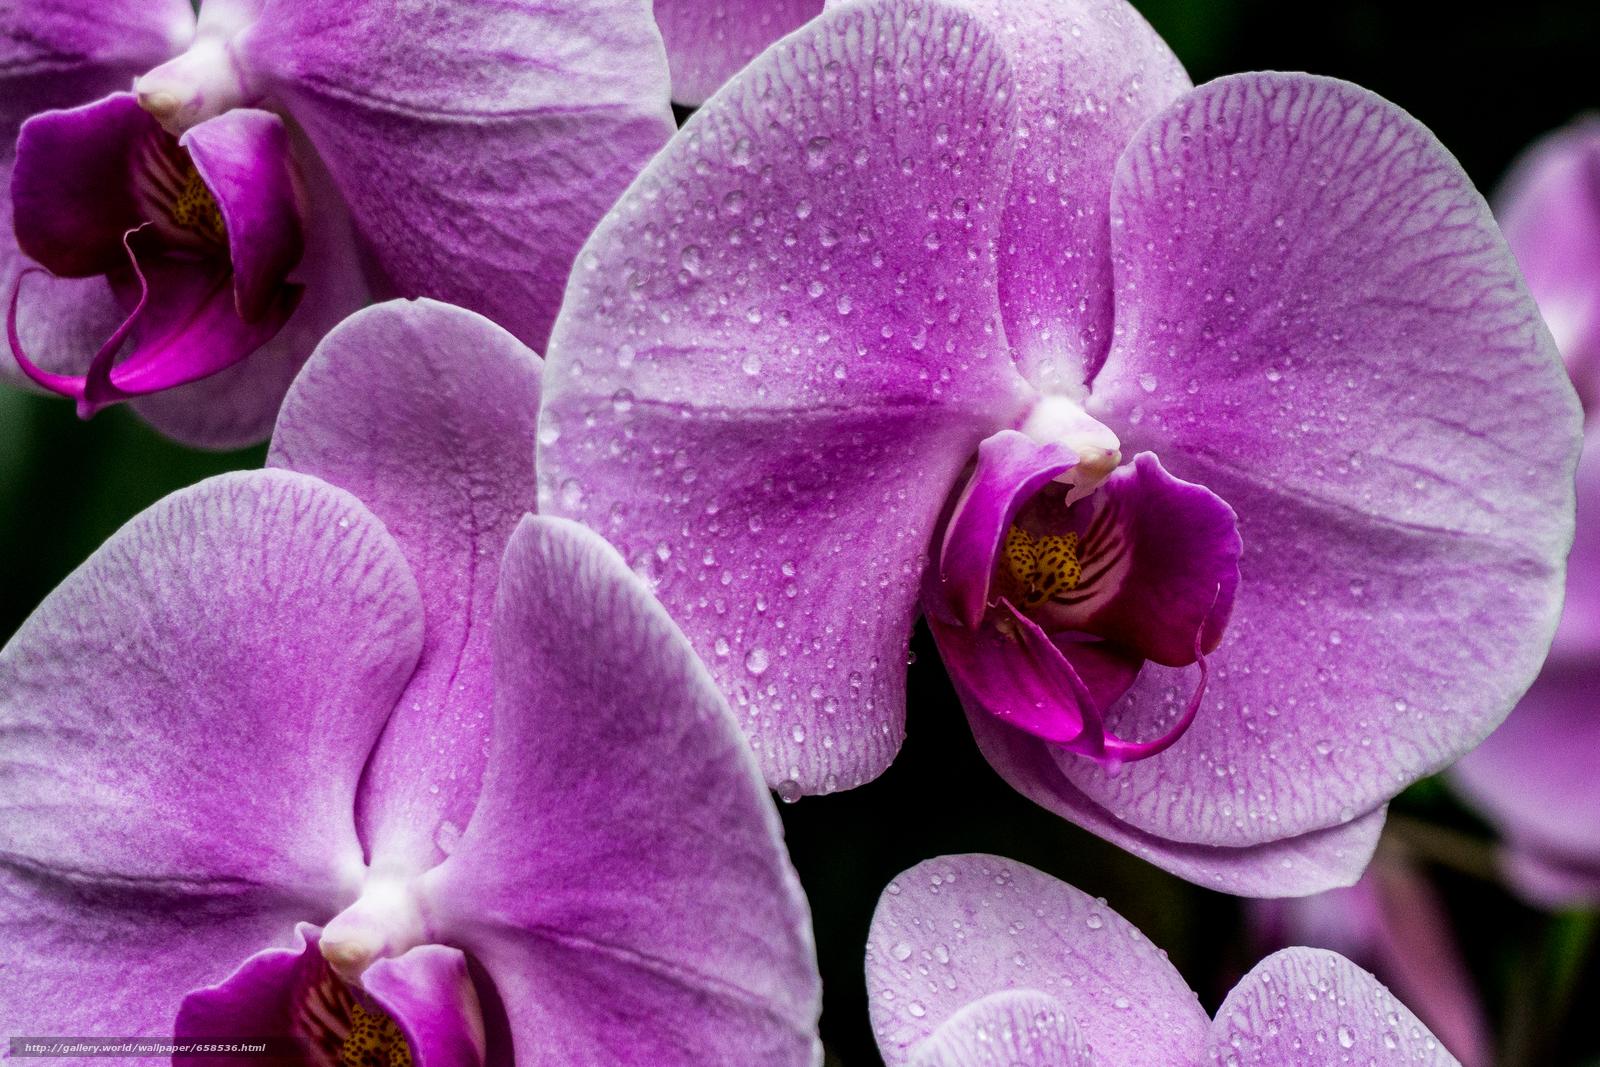 Download Hintergrund Blume,  Blumen,  flora,  Orchidee Freie desktop Tapeten in der Auflosung 3486x2324 — bild №658536